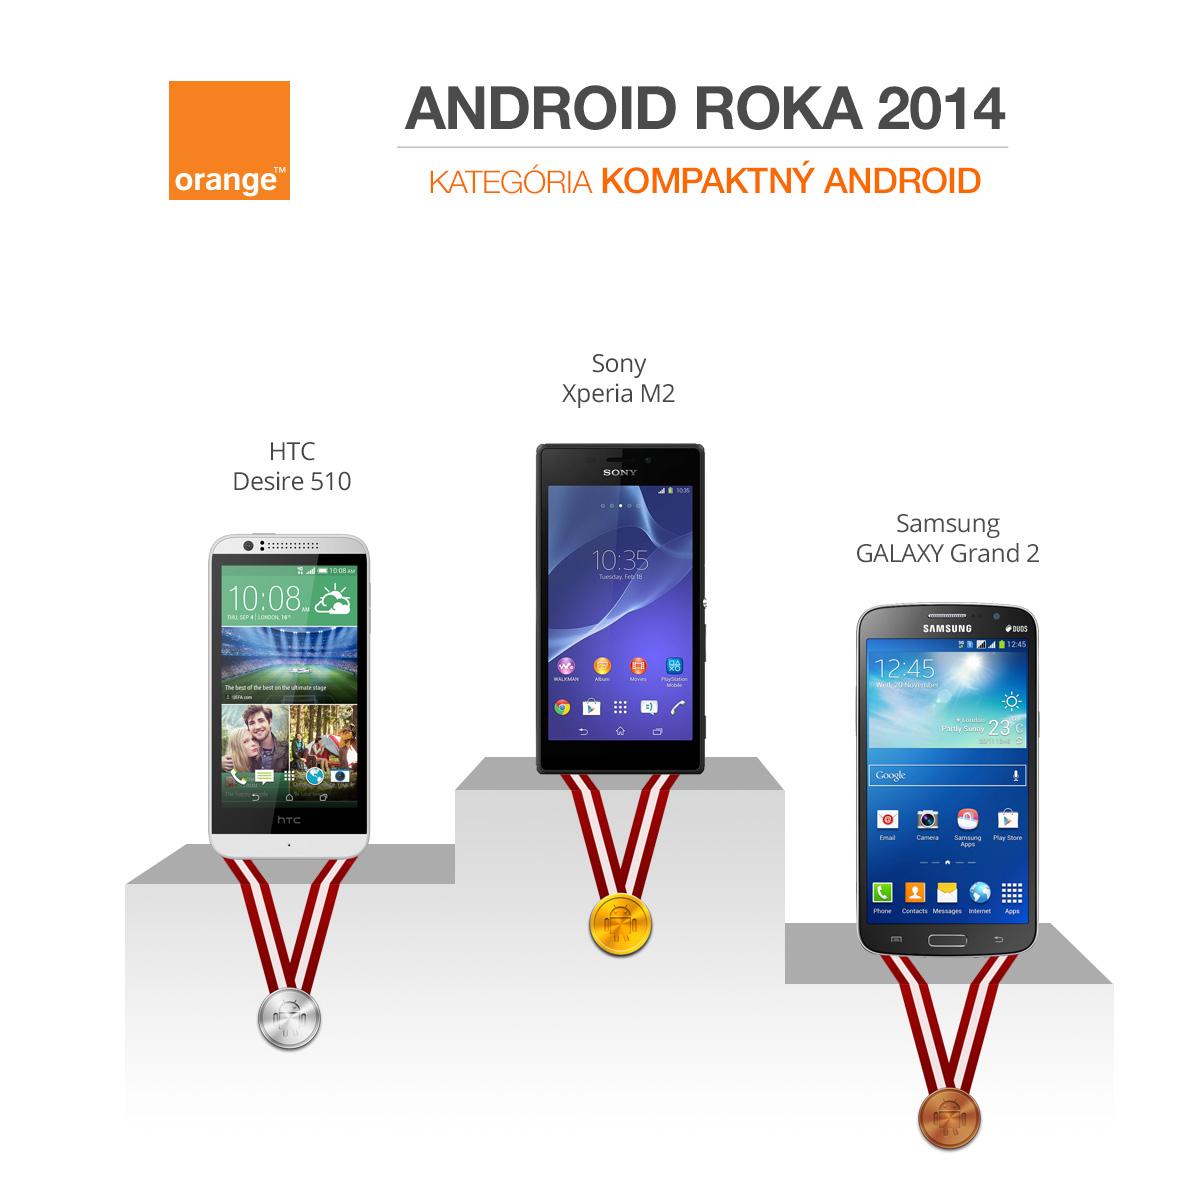 android roka 2014-kompaktny